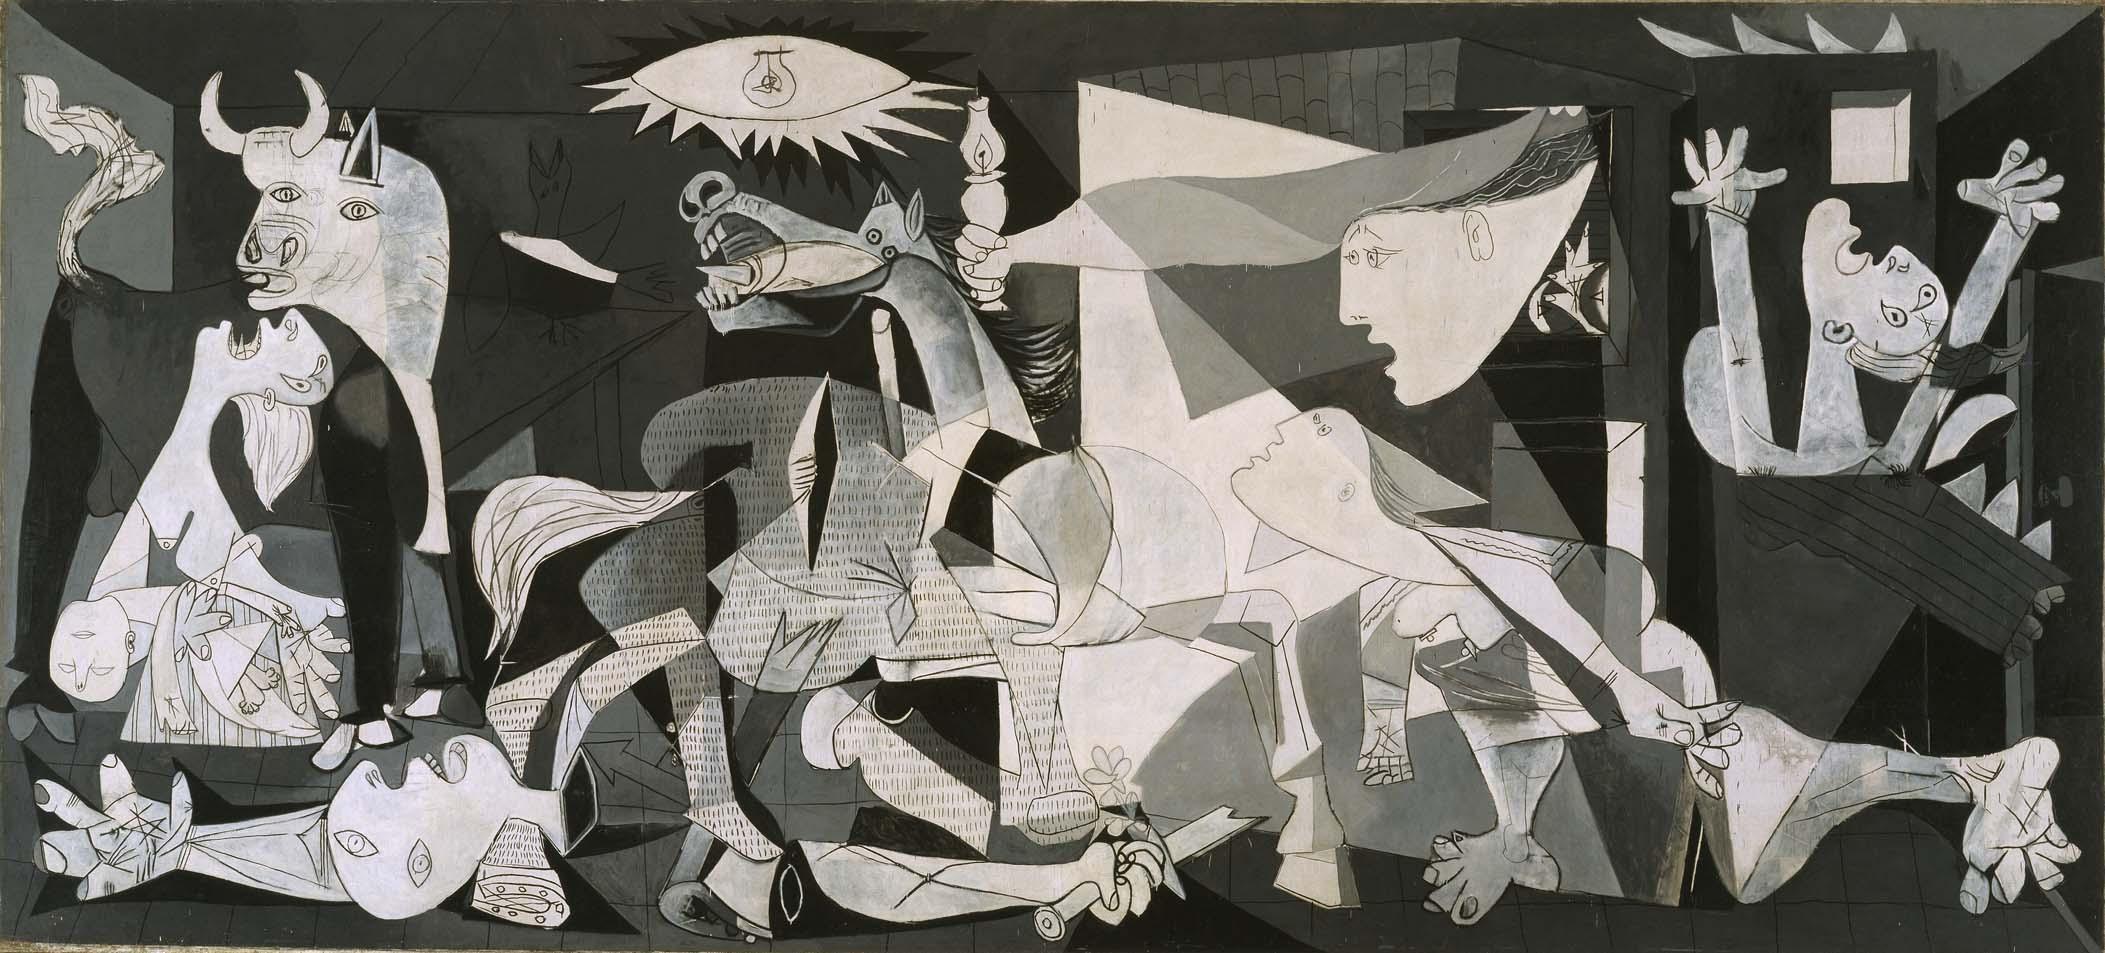 Guernica, obra histórica de Pablo Picasso